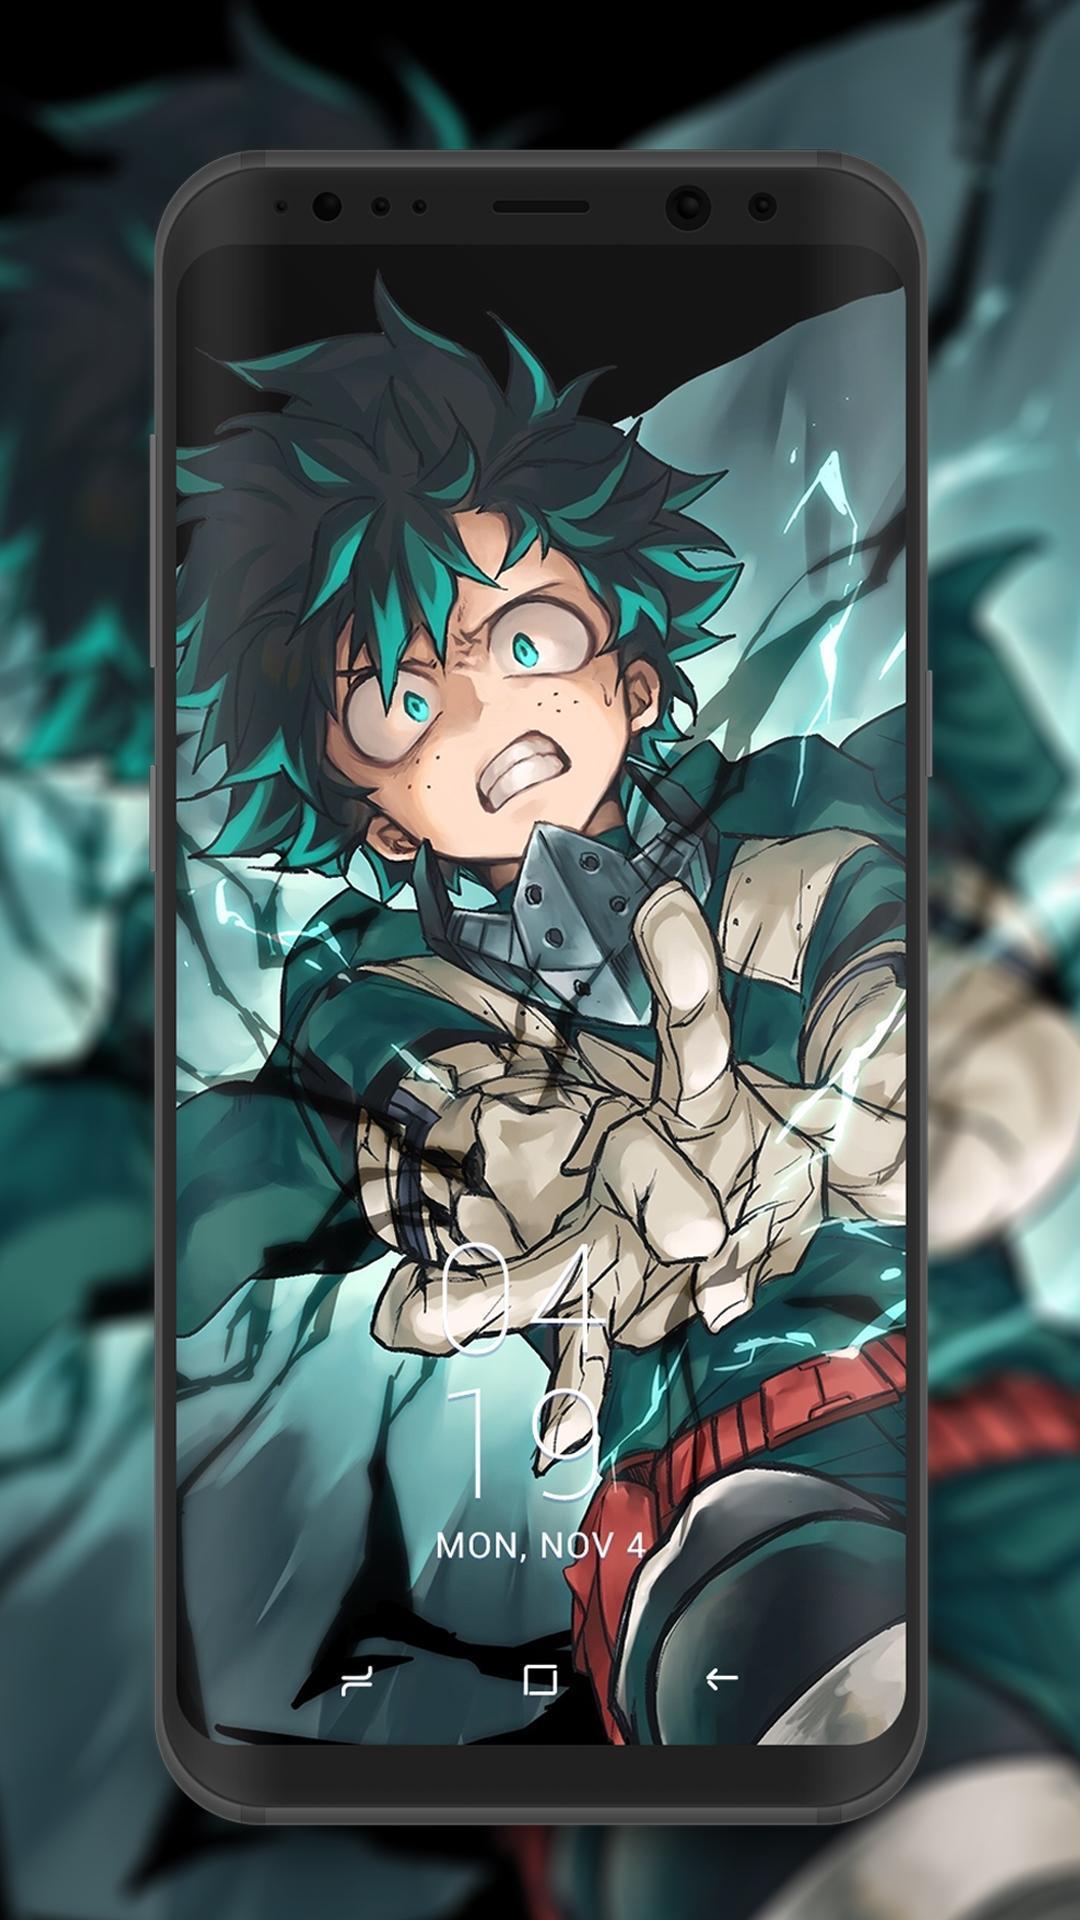 Android 用の My Animepapers 私のアニメペーパー アニメ壁紙 Apk